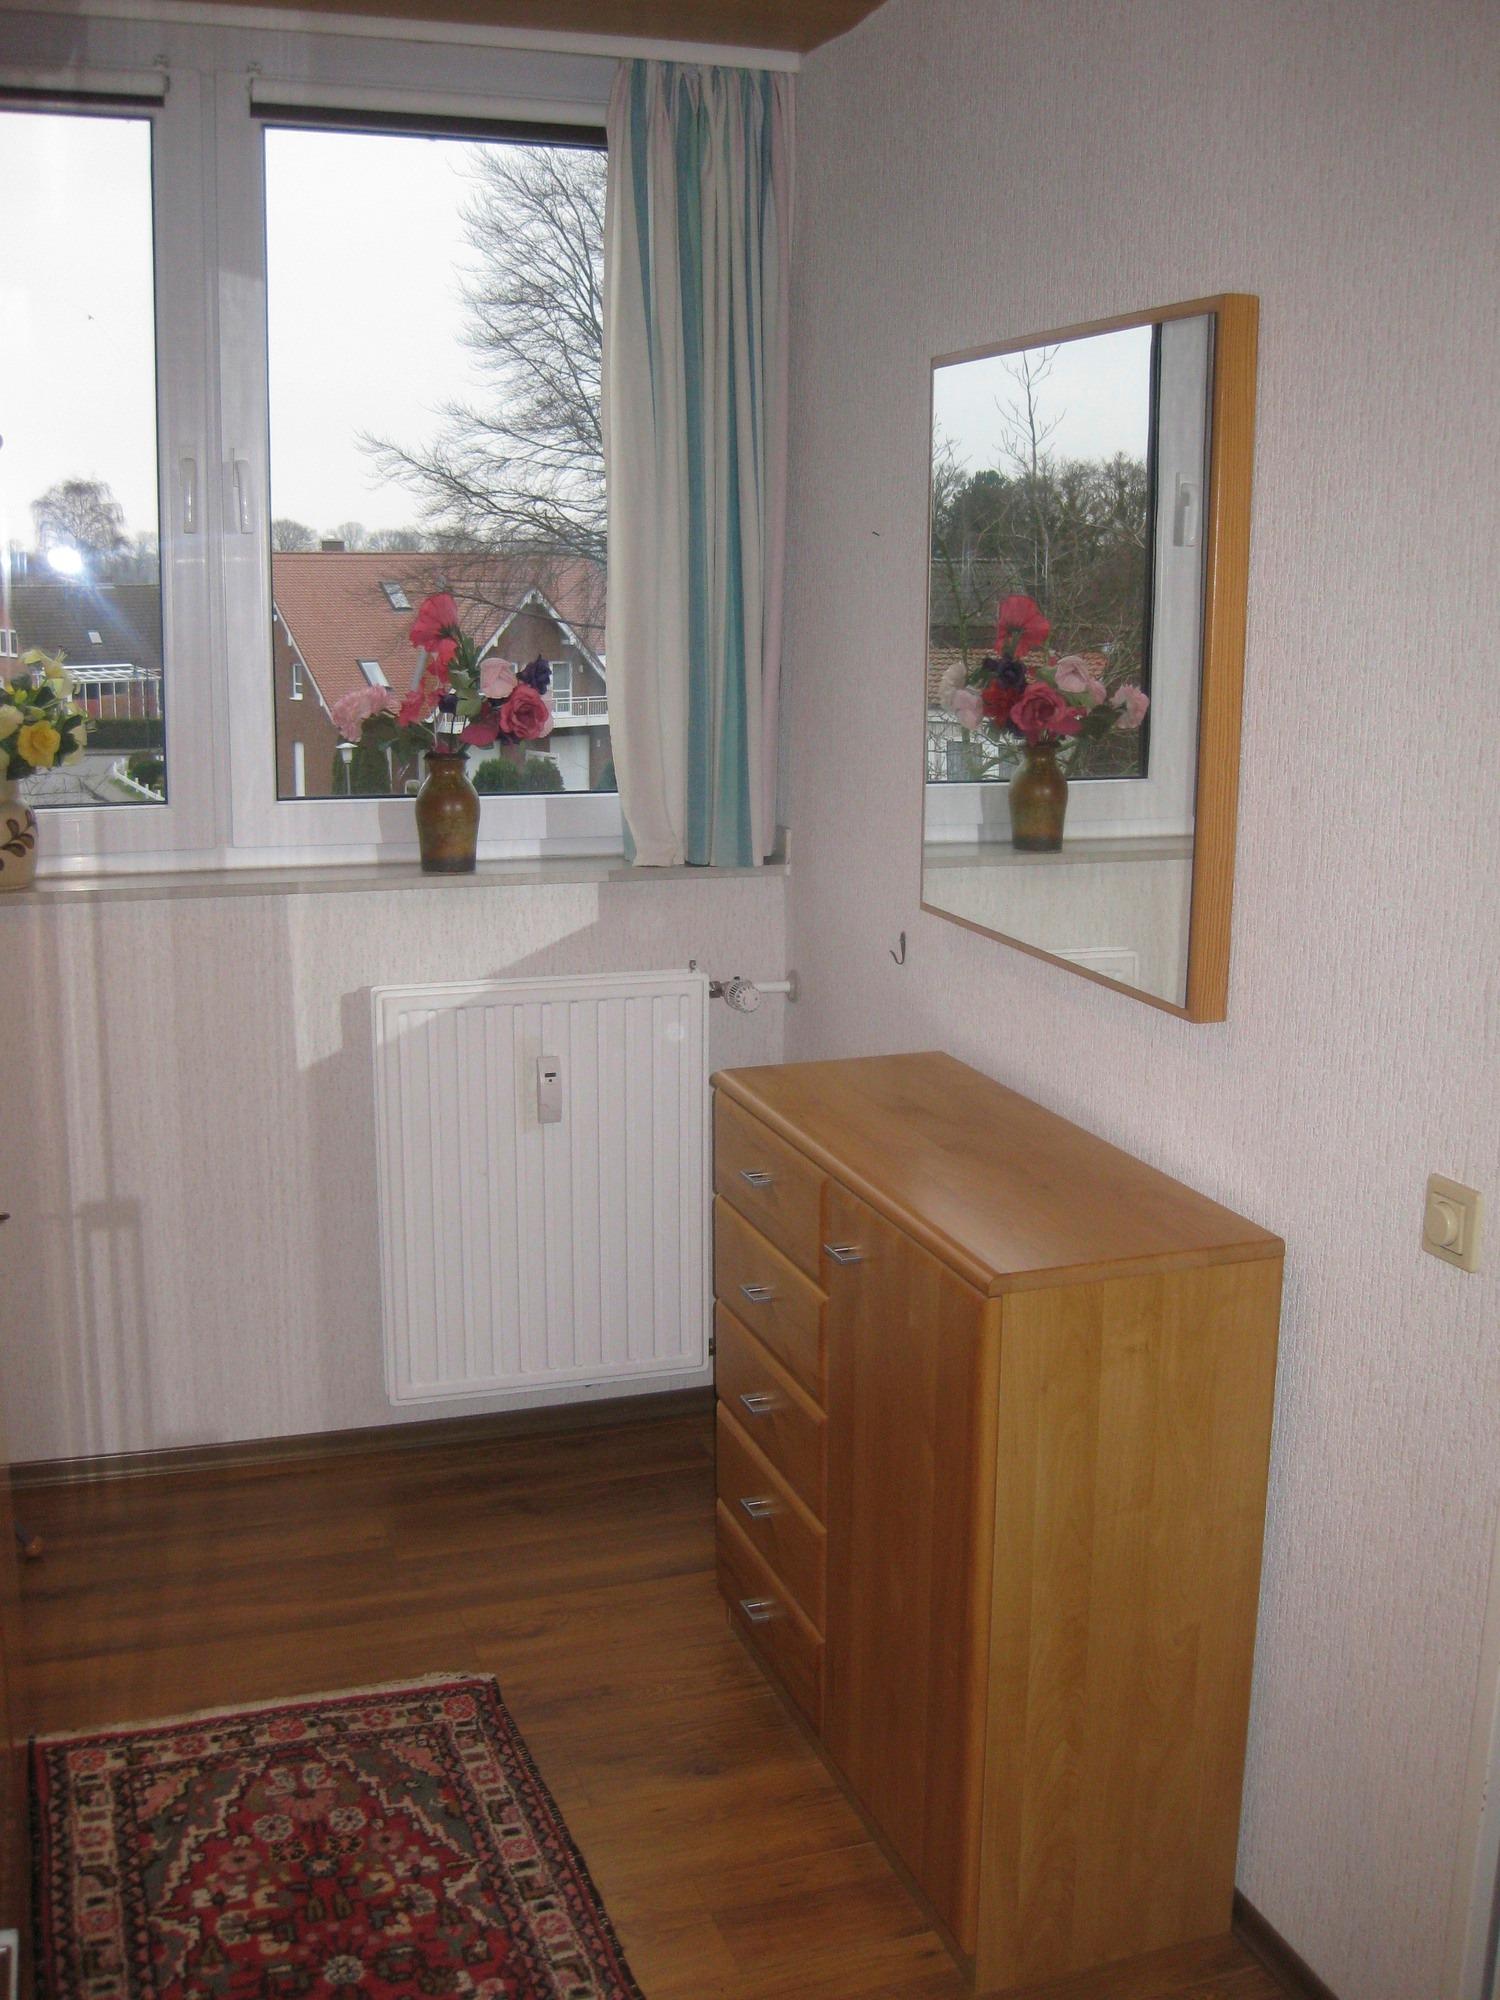 Ferienwohnung Haus Nautic 4-3-6 (887416), Kellenhusen, Lübecker Bucht, Schleswig-Holstein, Deutschland, Bild 13